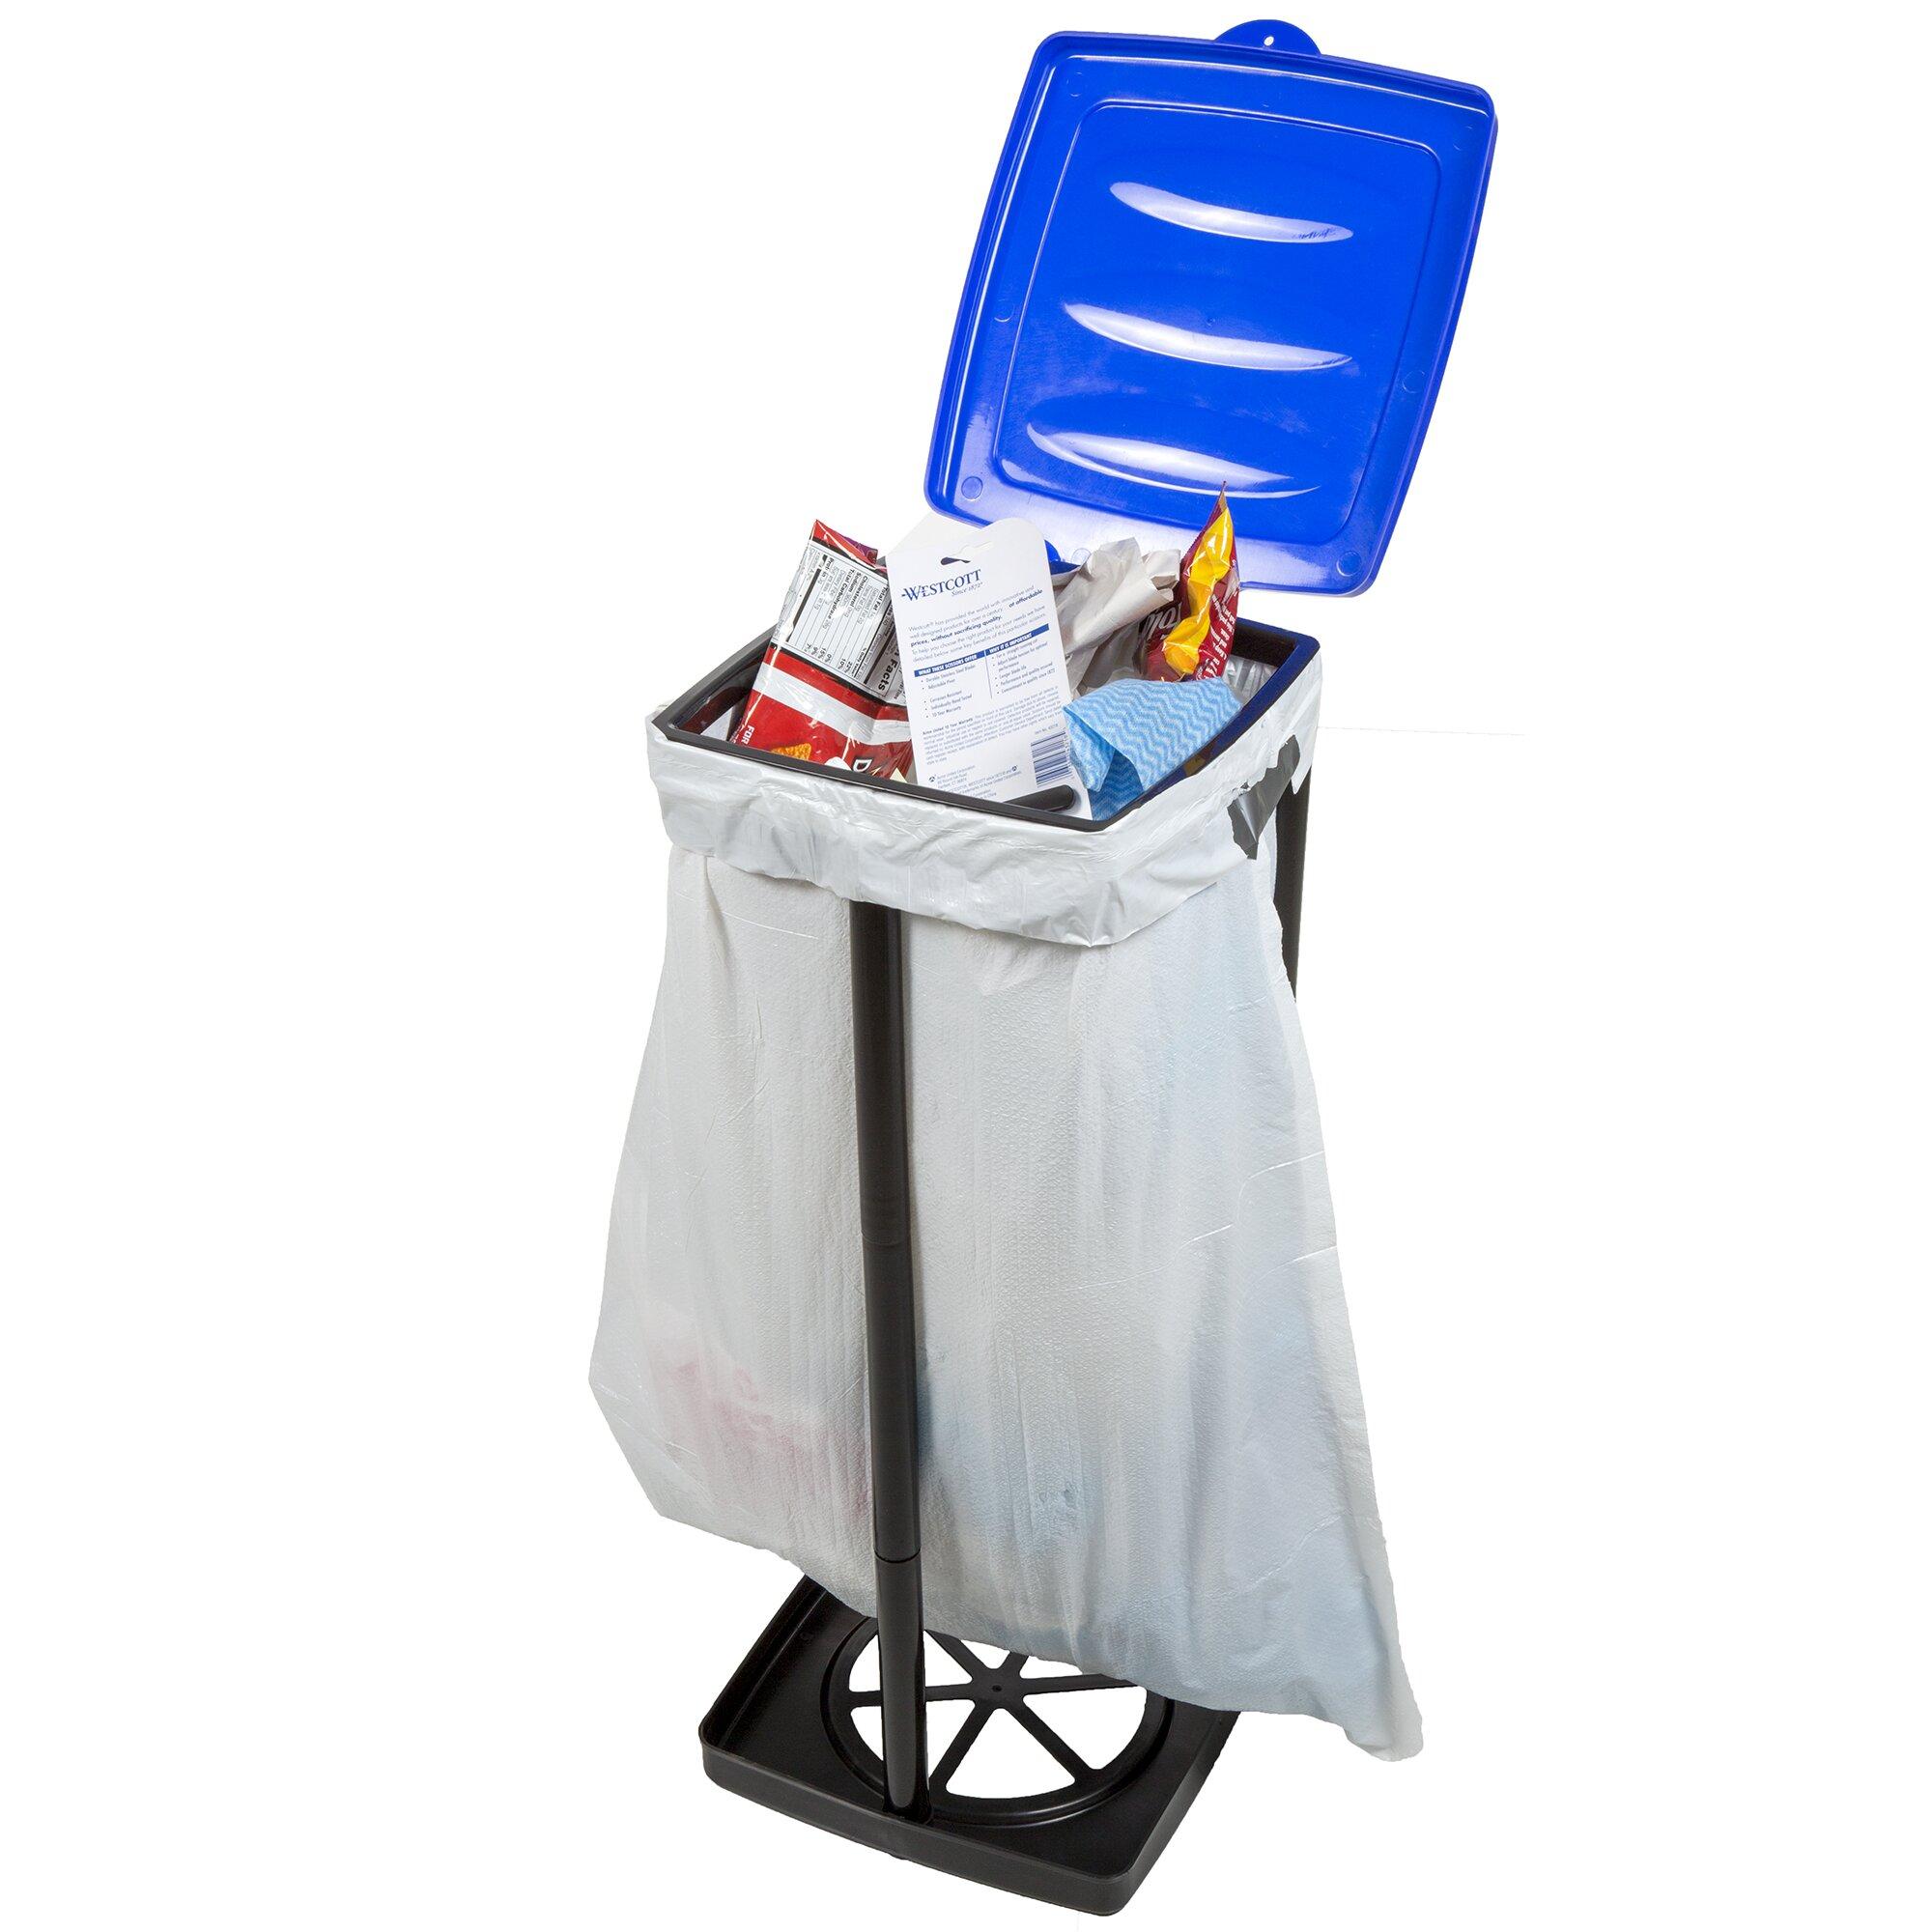 wakeman 13 gal portable trash bag holder reviews wayfair. Black Bedroom Furniture Sets. Home Design Ideas